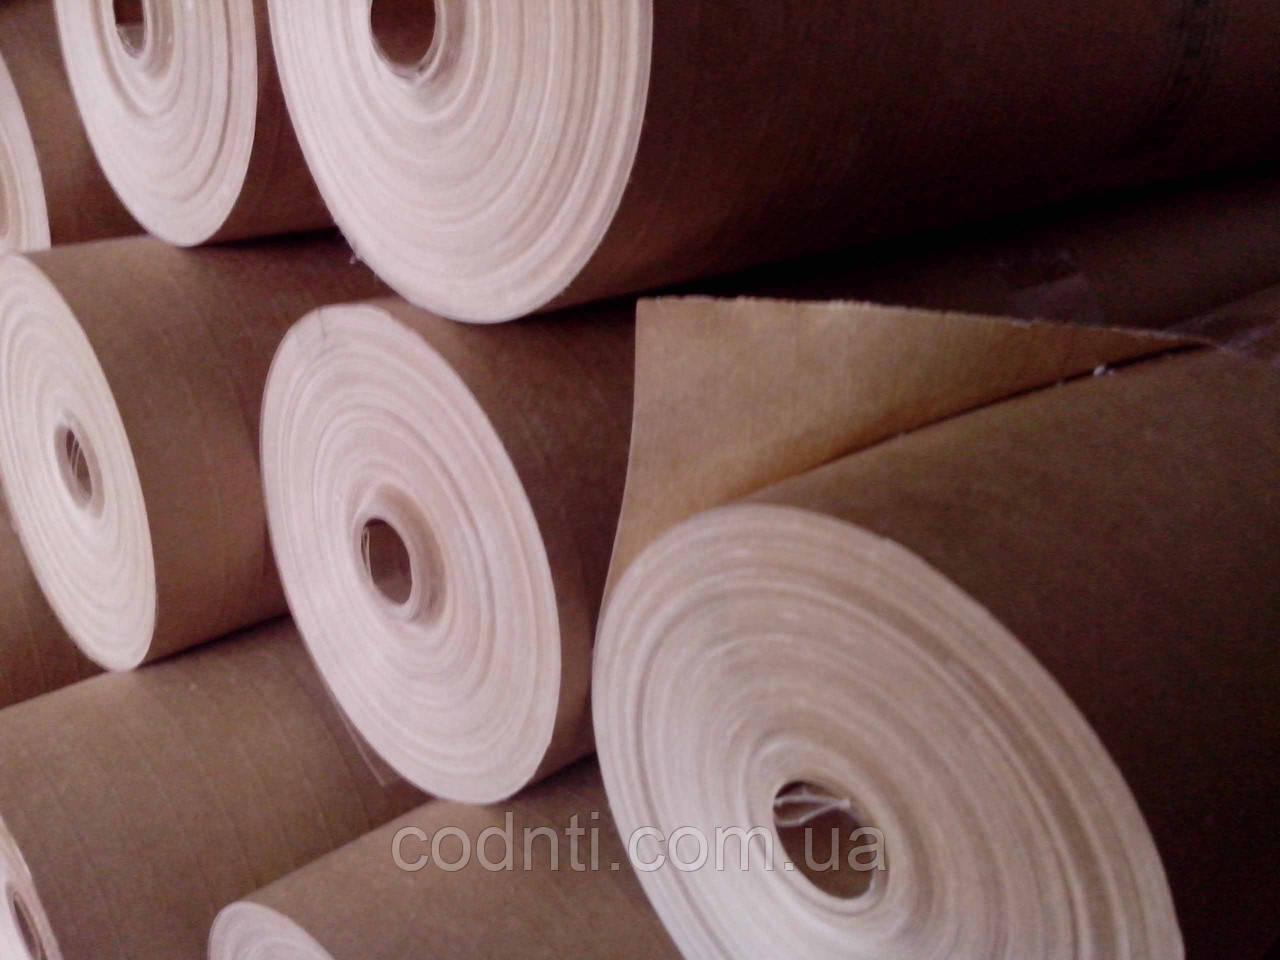 Размотка больших рулонов строительной бумаги